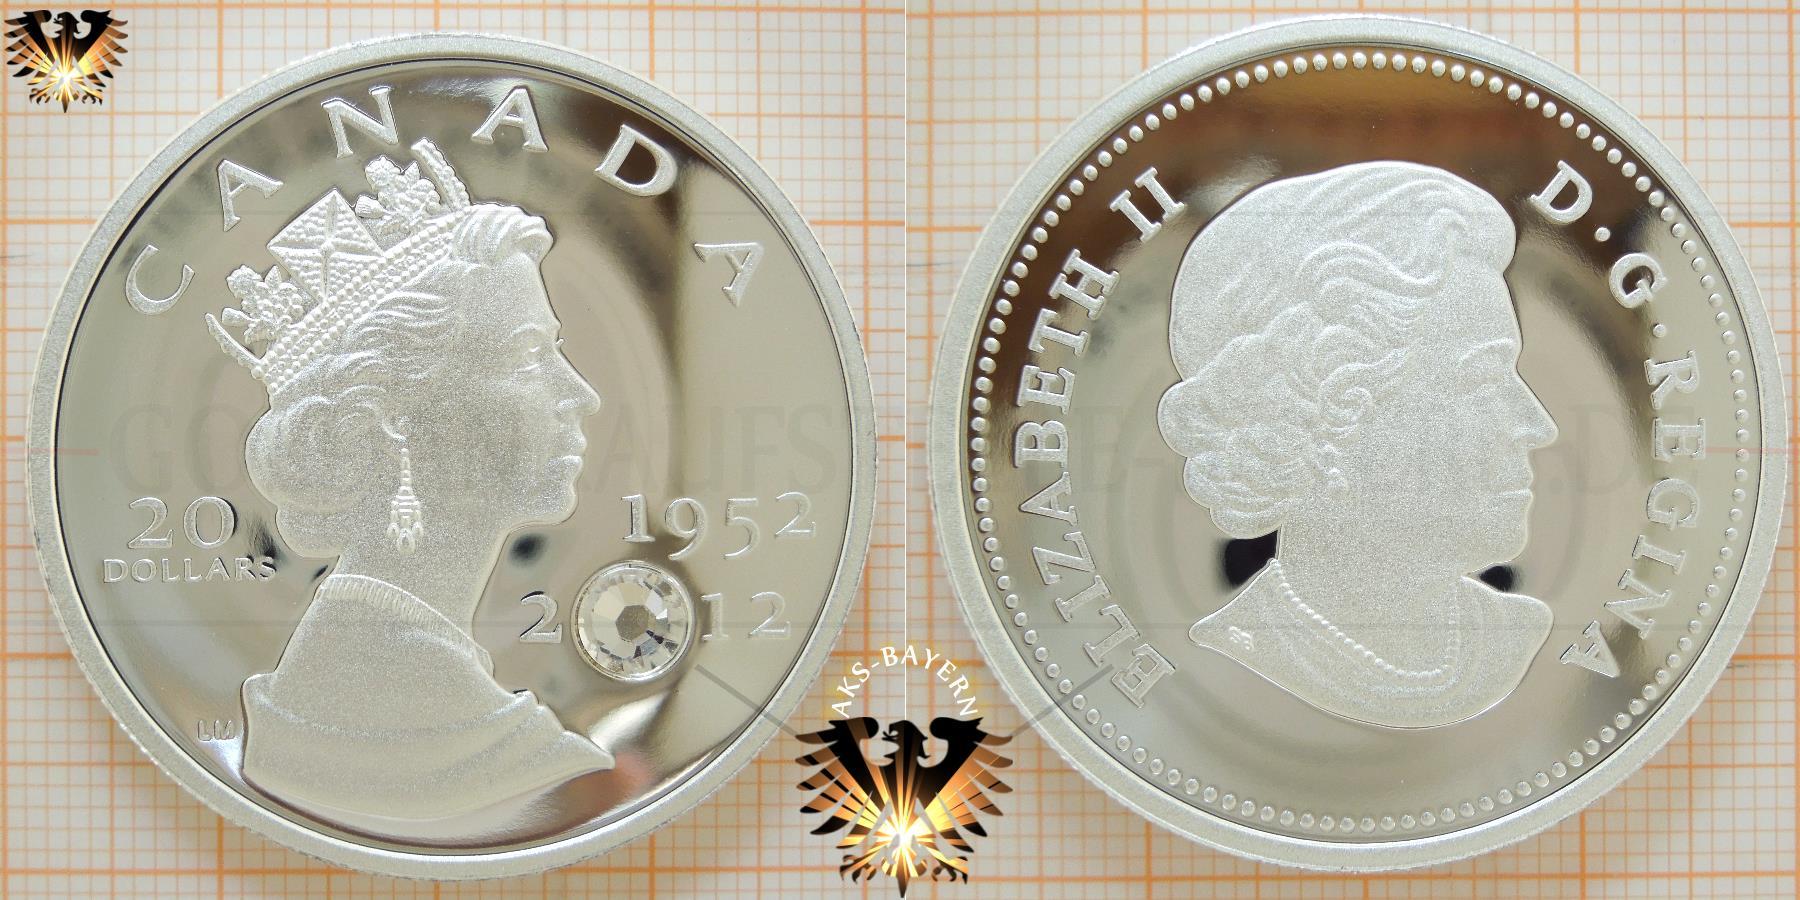 20 Dollars, Canada, 2012, Elizabeth II, The Queen´s Diamond Jubilee, 1952-2012 © goldankaufstelle-bayern.de